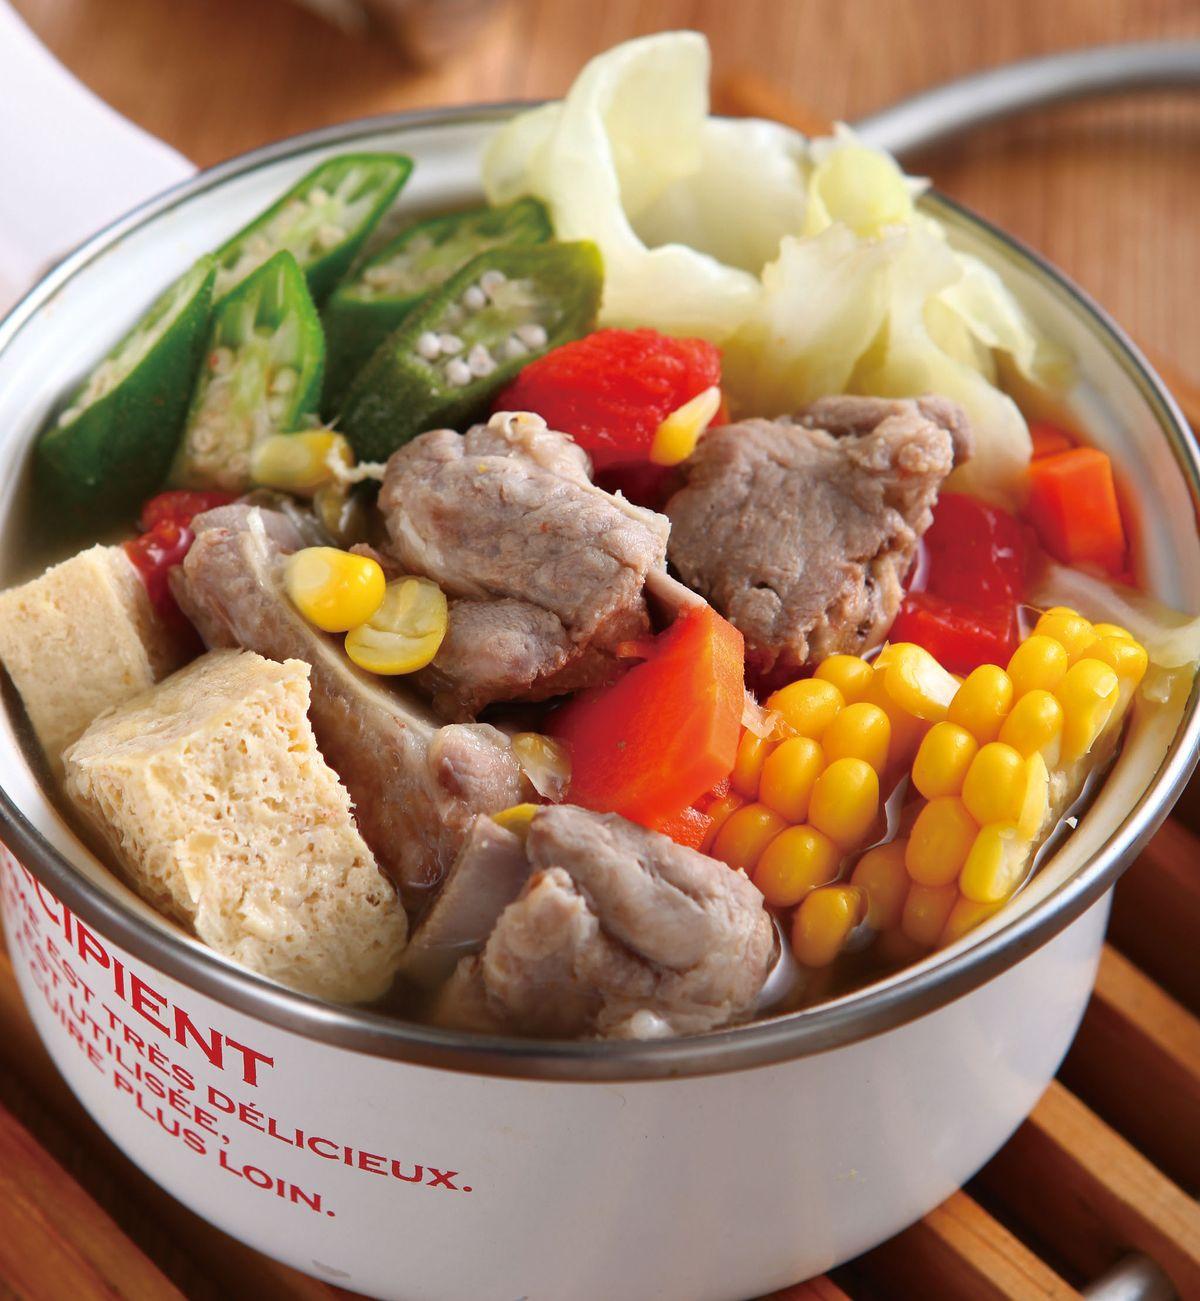 食譜:豬骨蔬菜鍋